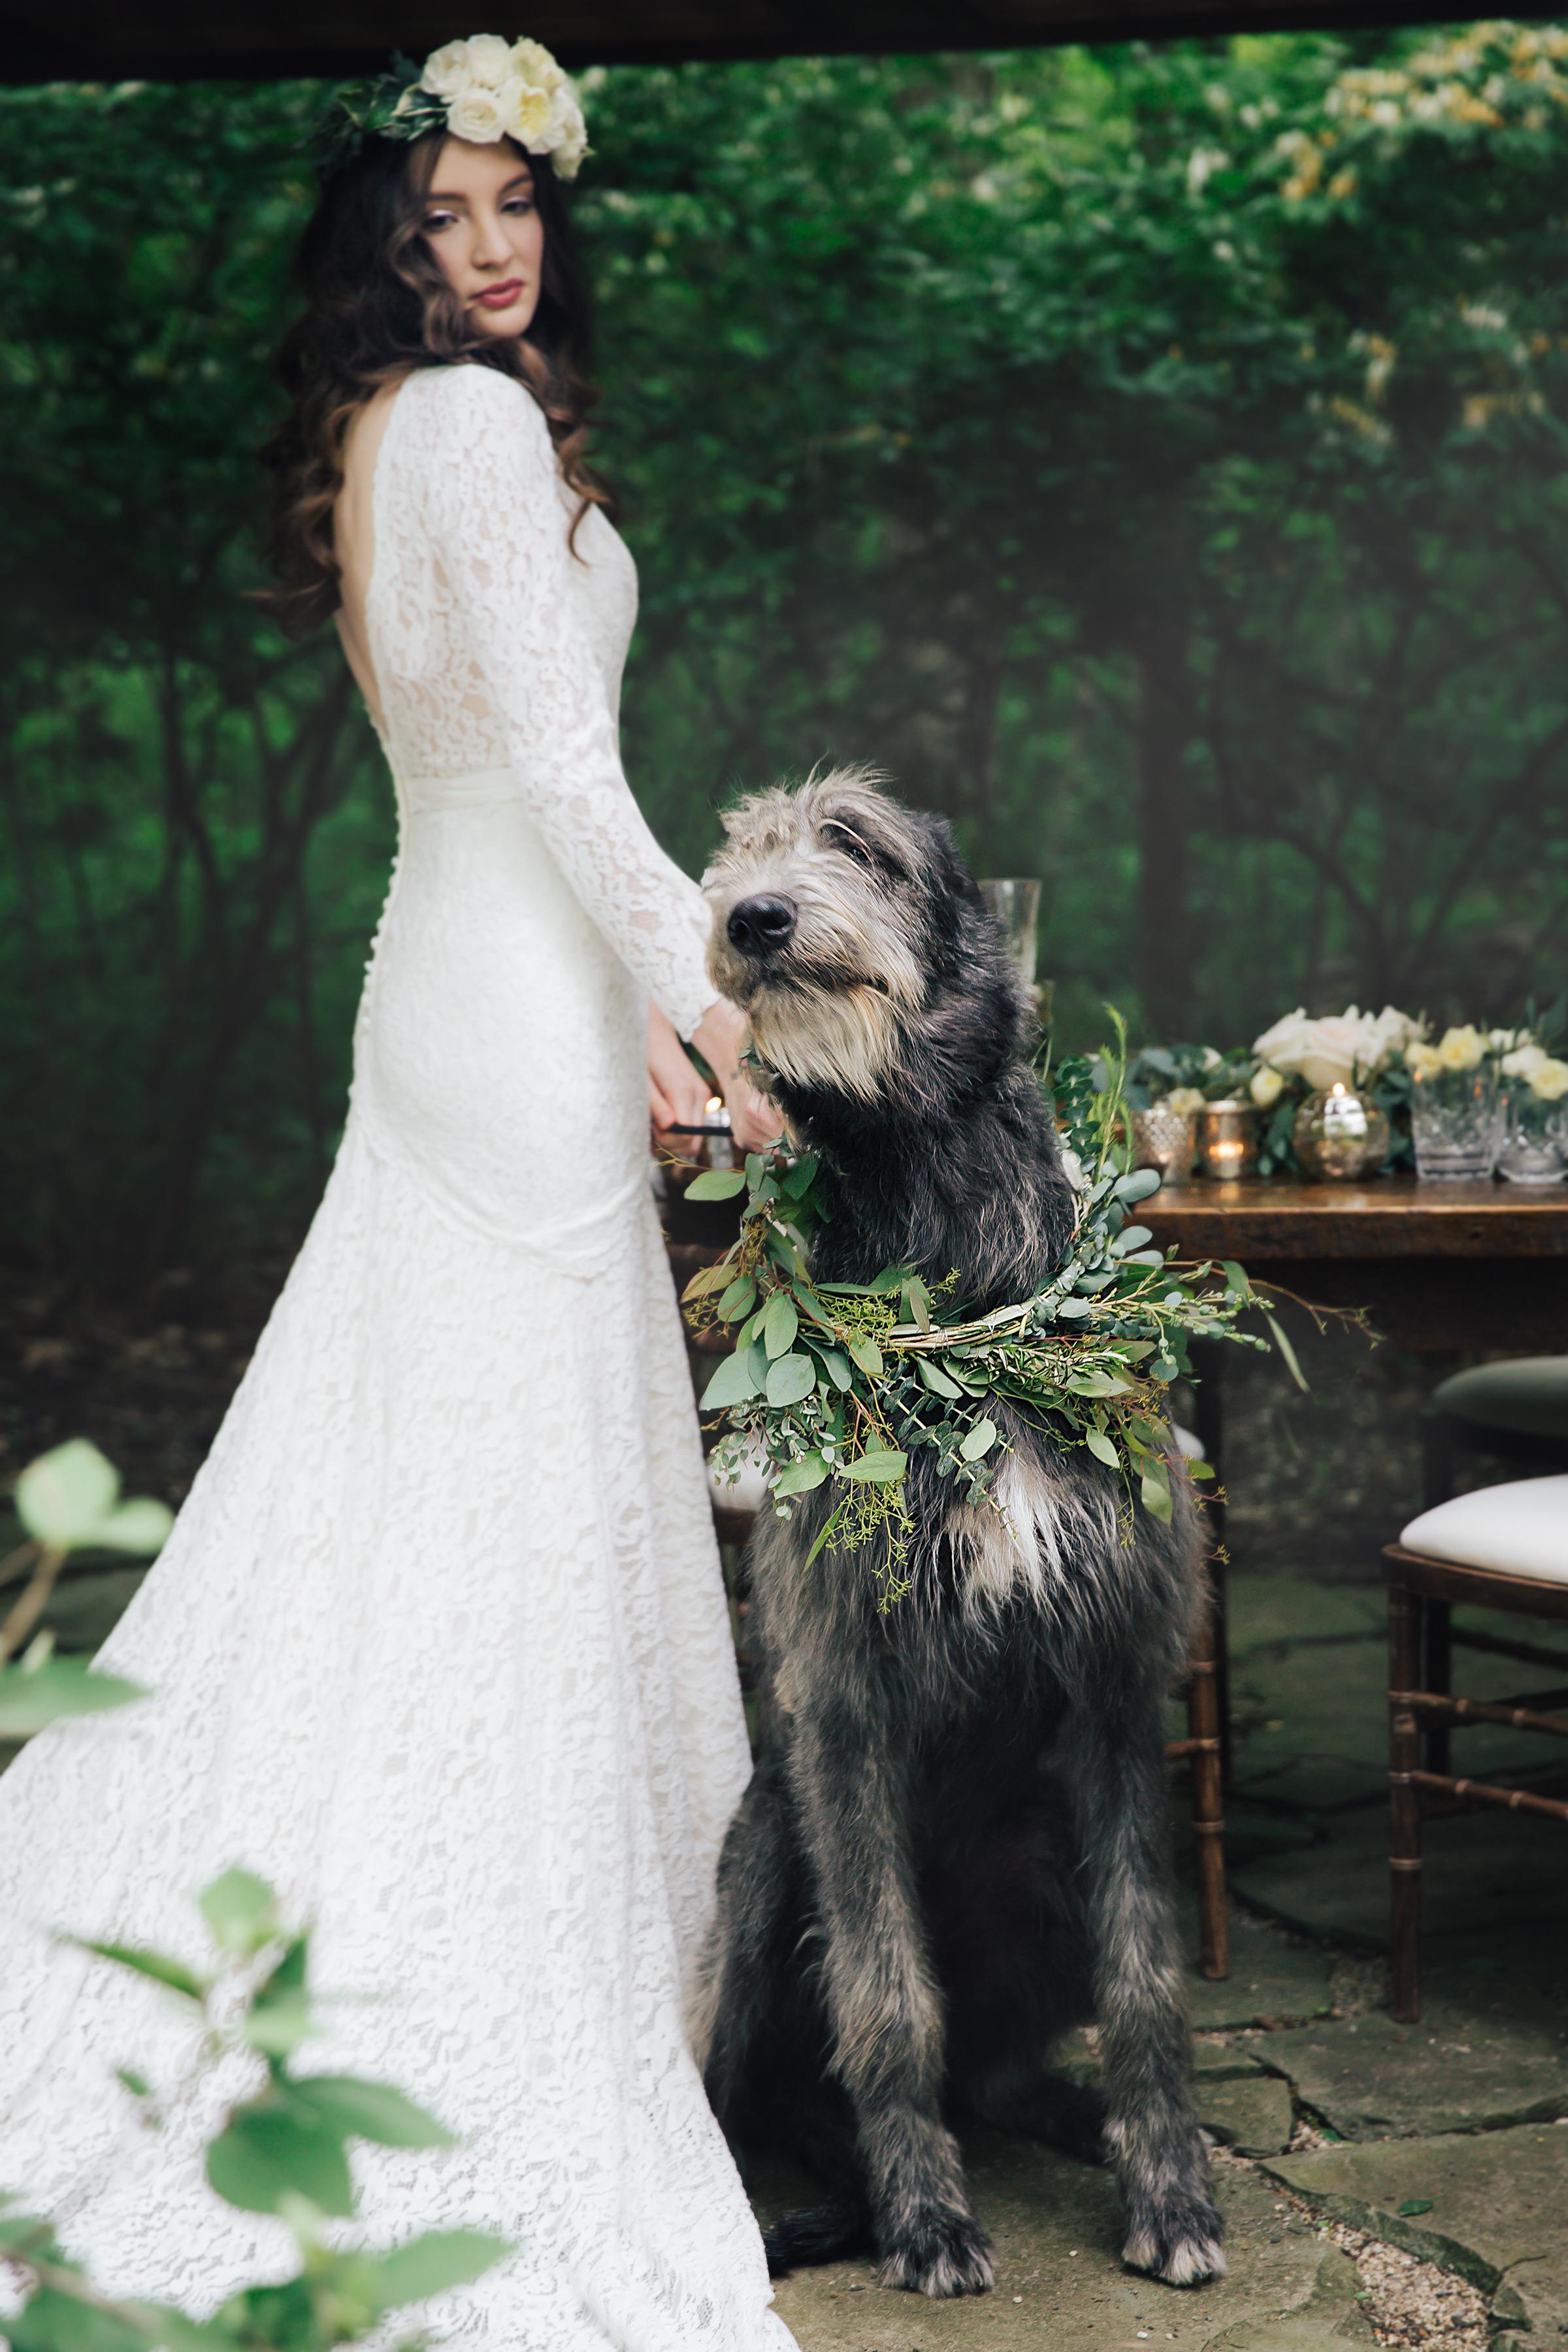 Subtly Irish Romantic Wedding Inspiration | B. Loved Bridal